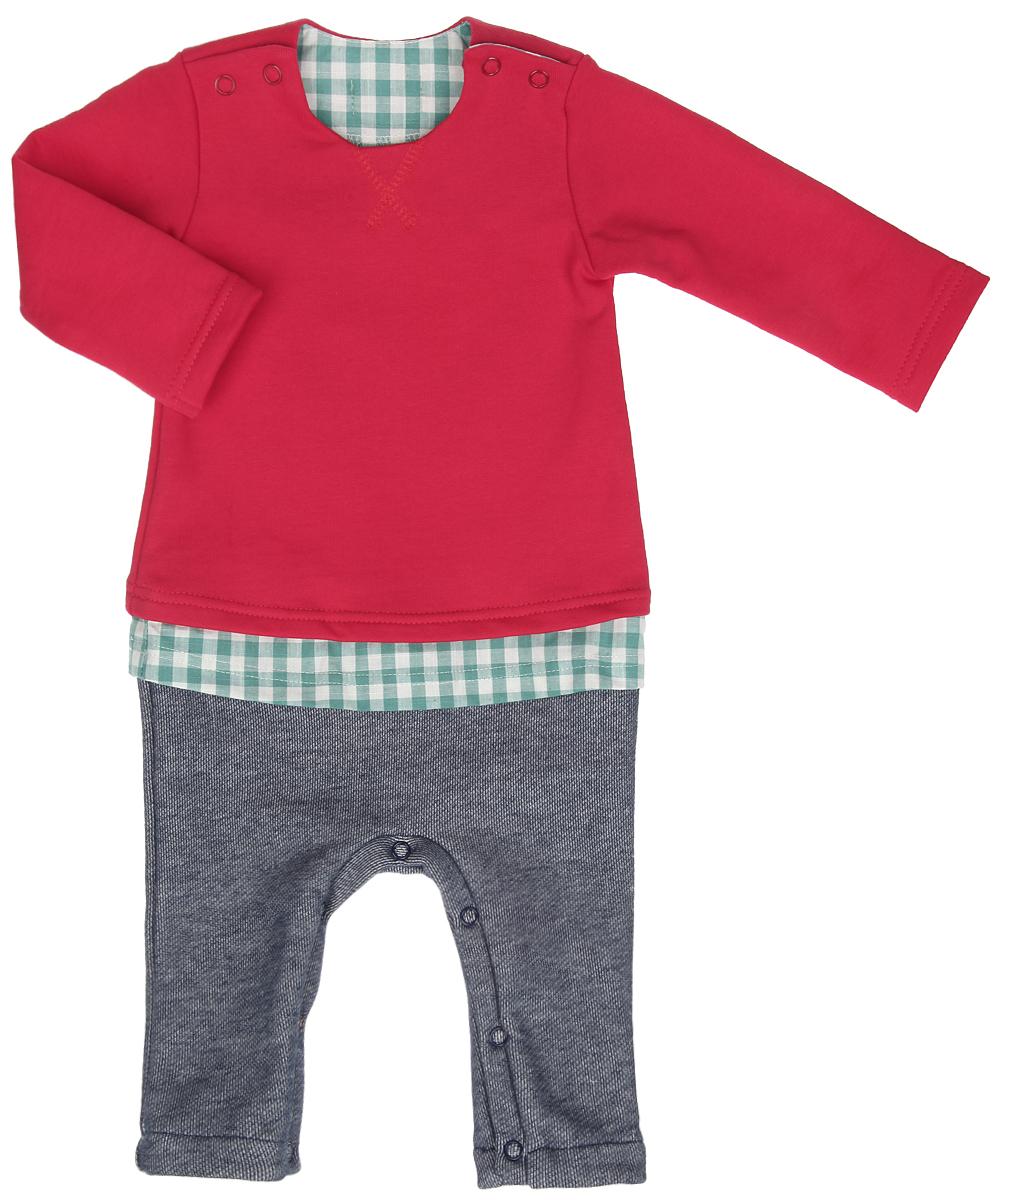 22-434Комбинезон для мальчика Ёмаё, имитирующий комплект из яркого джемпера, клетчатой рубашки и штанишек под джинсу, выполнен из хлопка с добавлением полиэстера. Комбинезон очень мягкий и приятный на ощупь, не раздражает нежную и чувствительную кожу ребенка. Лицевая сторона изделия гладкая, изнаночная с небольшими петельками, благодаря чему комбинезон удивительно комфортный и теплый. Модель с круглым вырезом горловины, длинными рукавами и открытыми ножками имеет застежки-кнопки по плечевым швам и на ластовице, что позволяет с легкостью переодеть малыша или сменить подгузник. Спереди изделие украшено фигурной прострочкой. Такой комбинезон станет стильным дополнением к гардеробу вашего ребенка, в нем крохе будет комфортно и уютно.